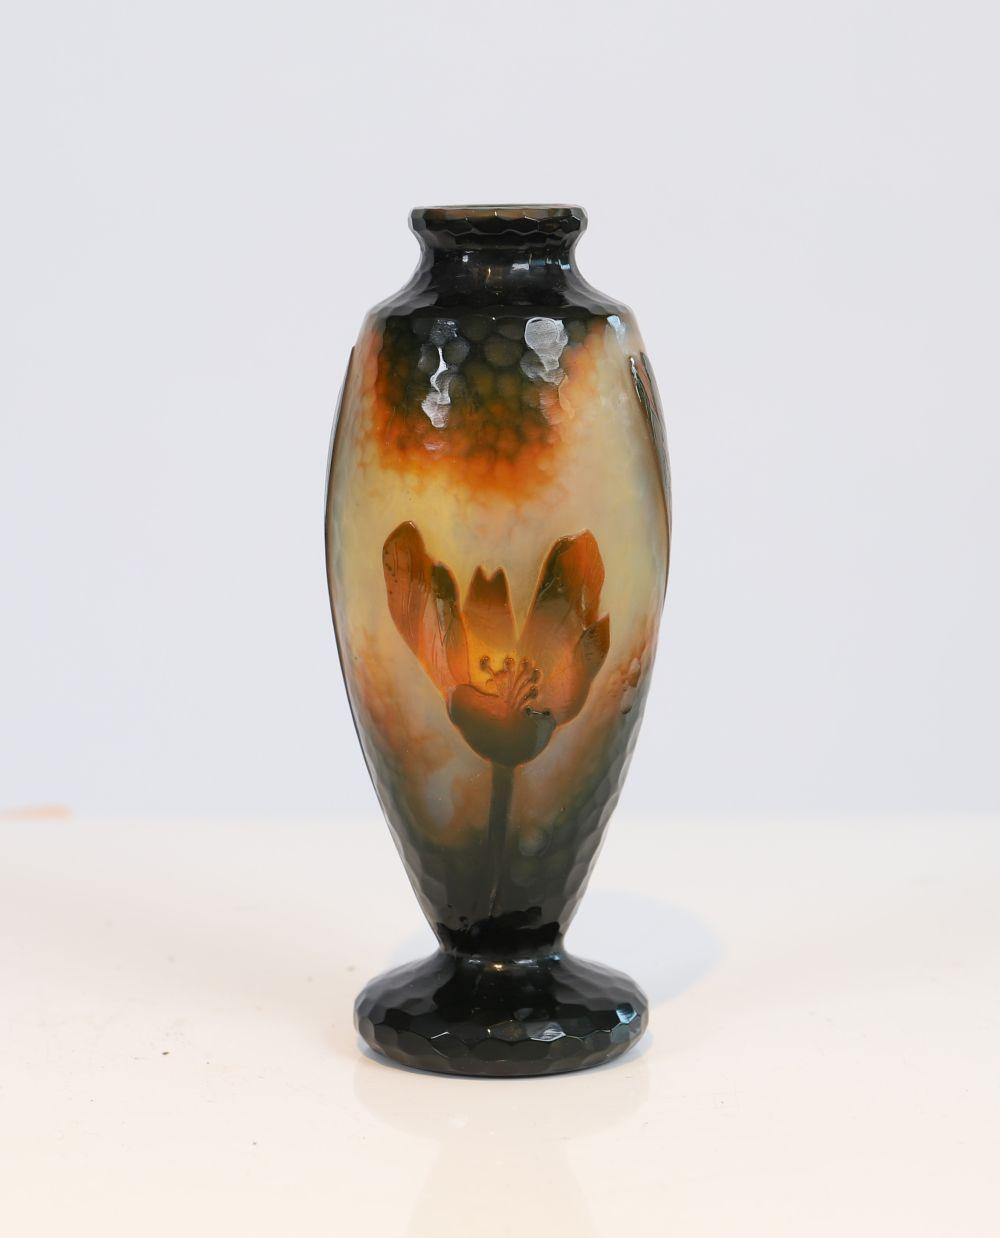 """Vase Daum En verre martelé de forme ovoîde à décor de fleurs. Marqué """"Daum Nancy"""" sous la base. Epoq"""